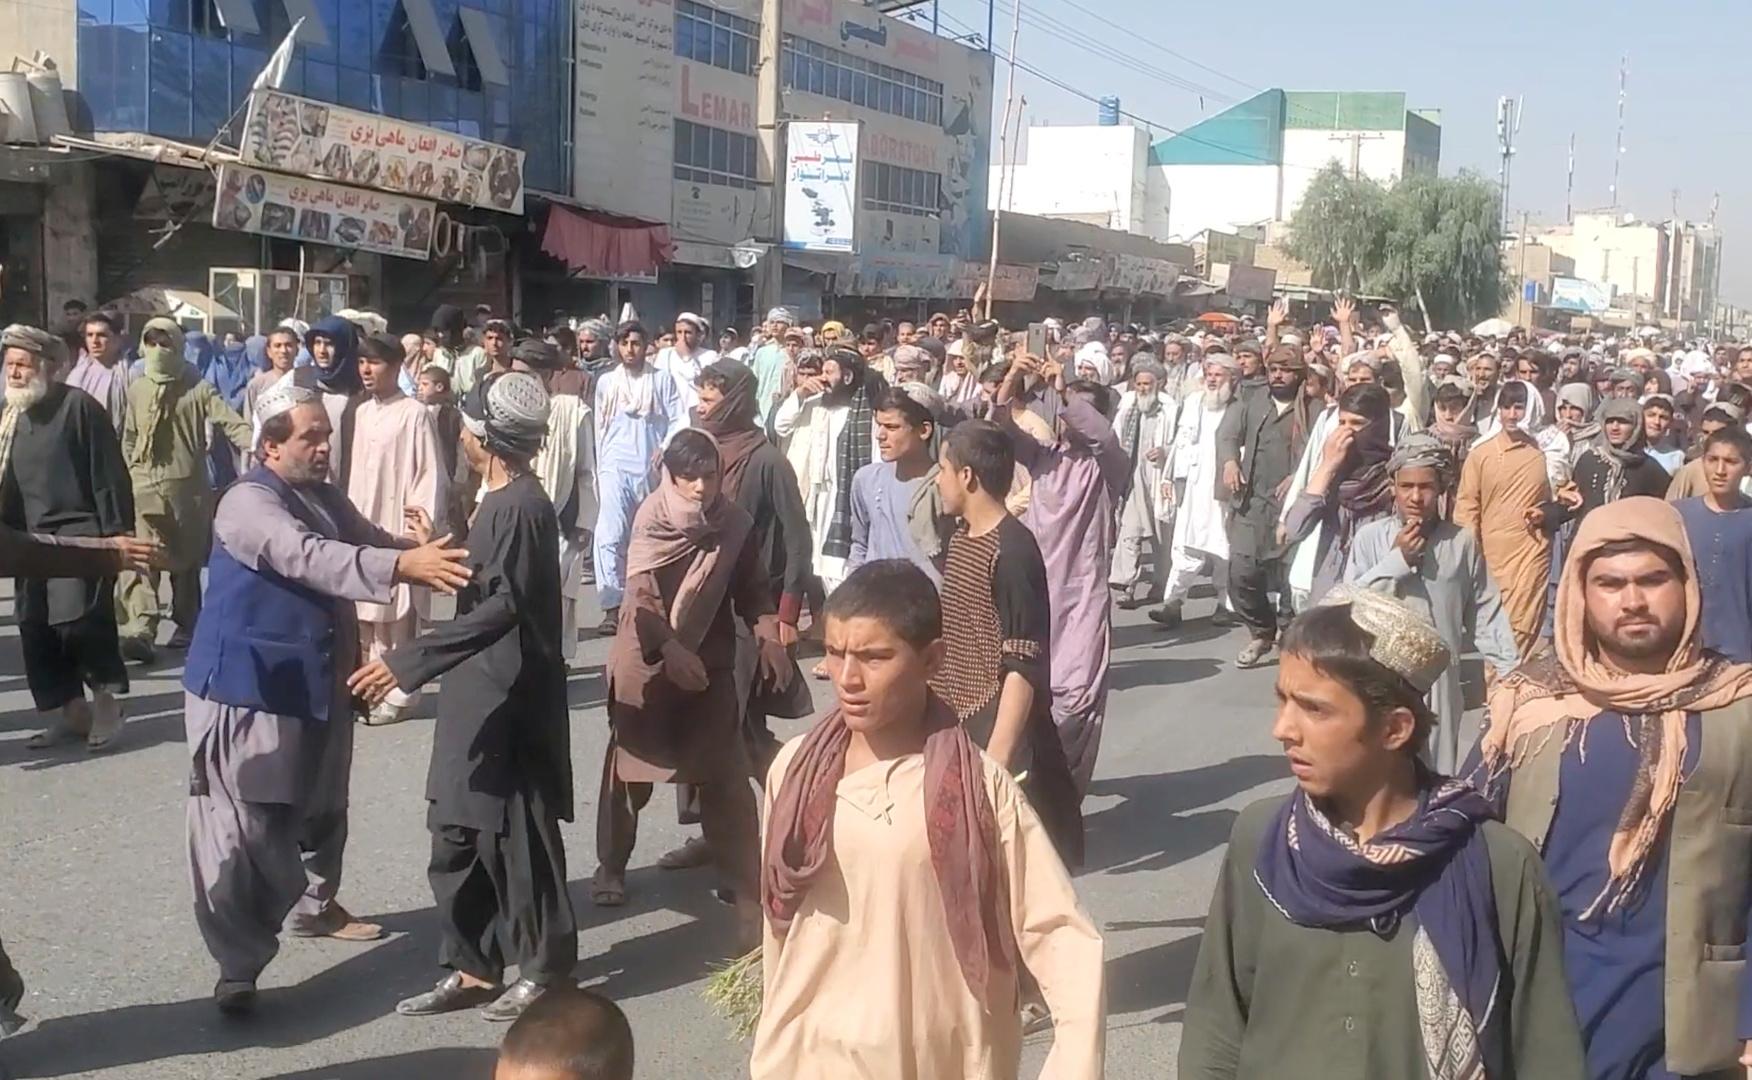 احتجاجات في كابل تطالب بتحرير الأموال الأفغانية المجمدة